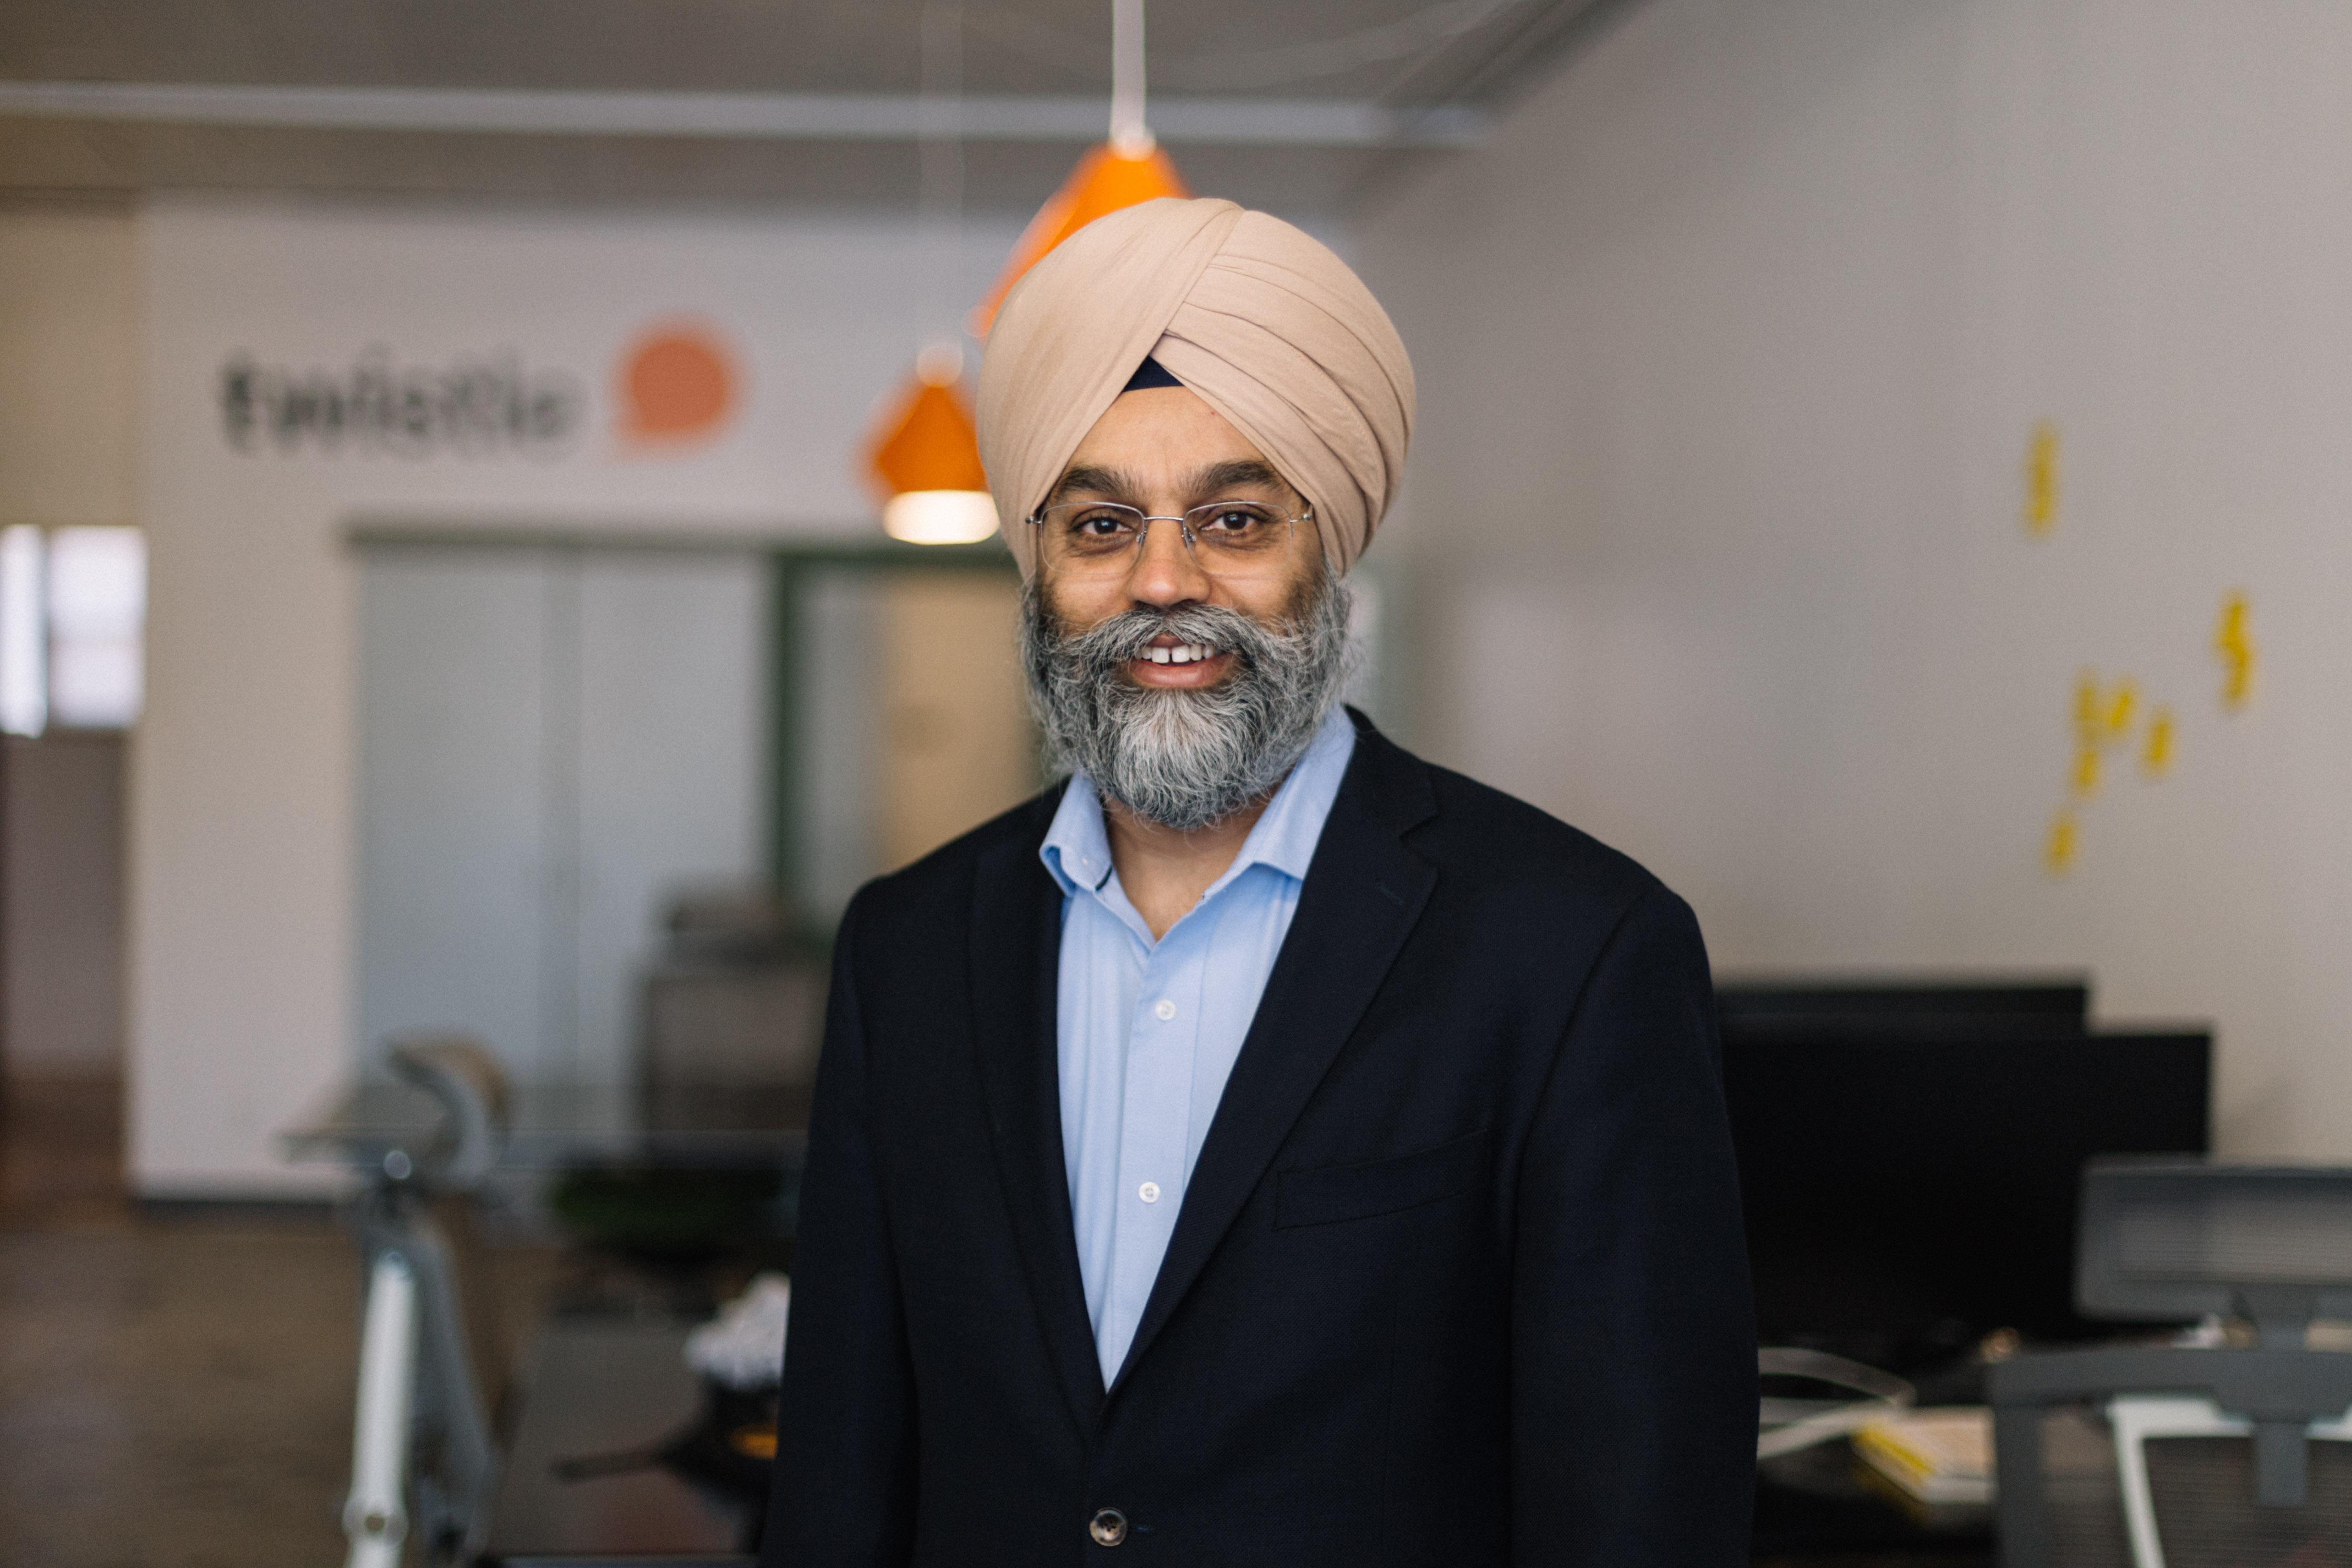 Kulmeet Singh headshot